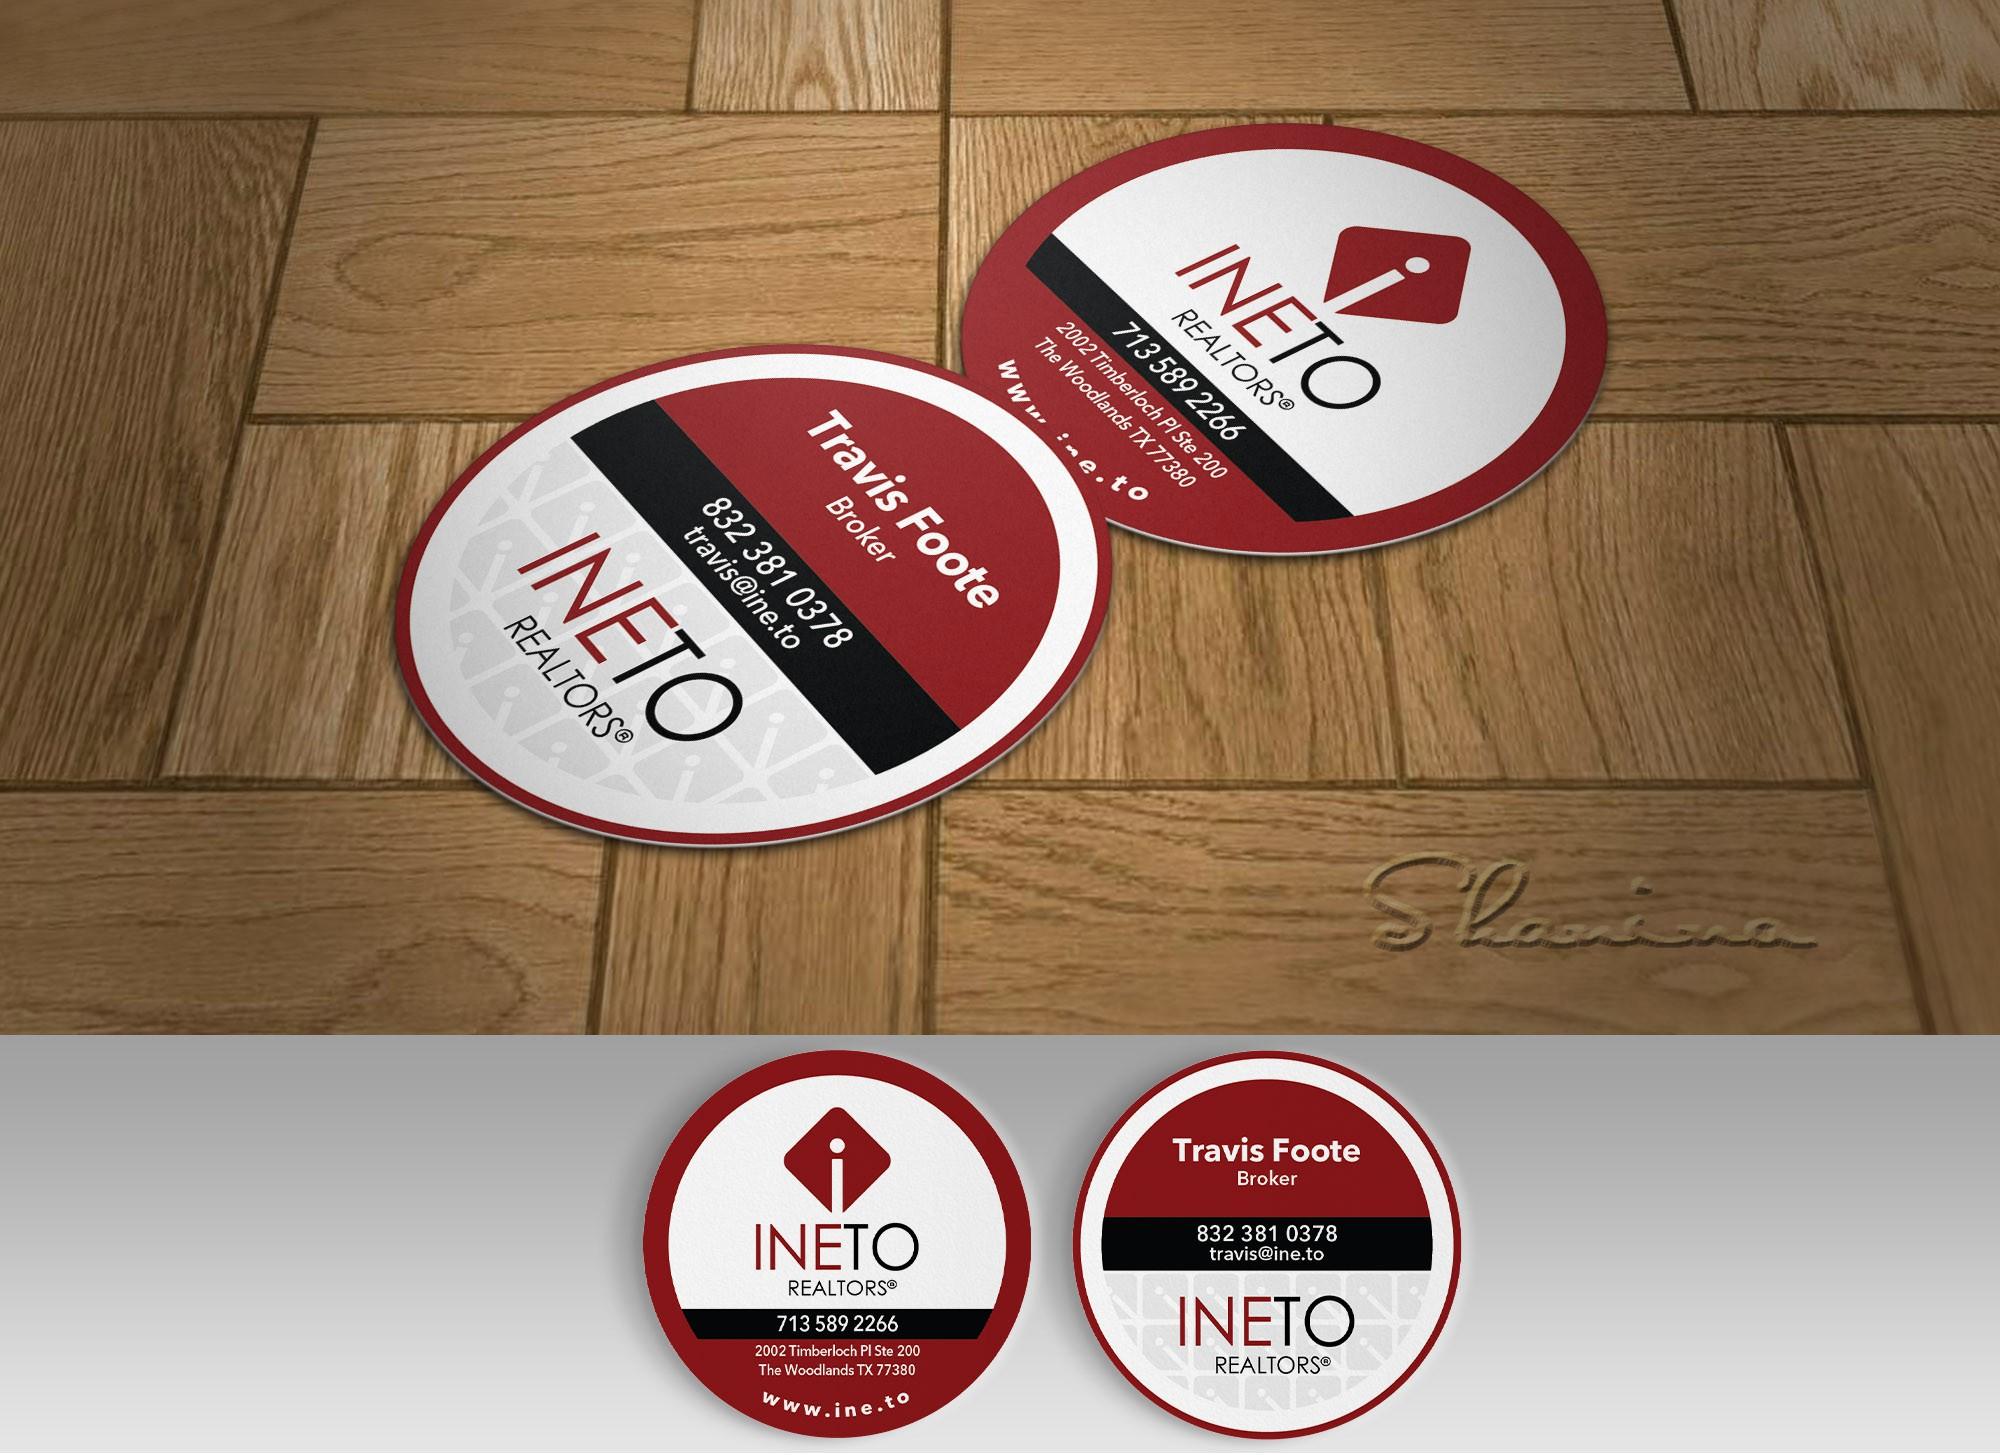 Round business card, minimalist design